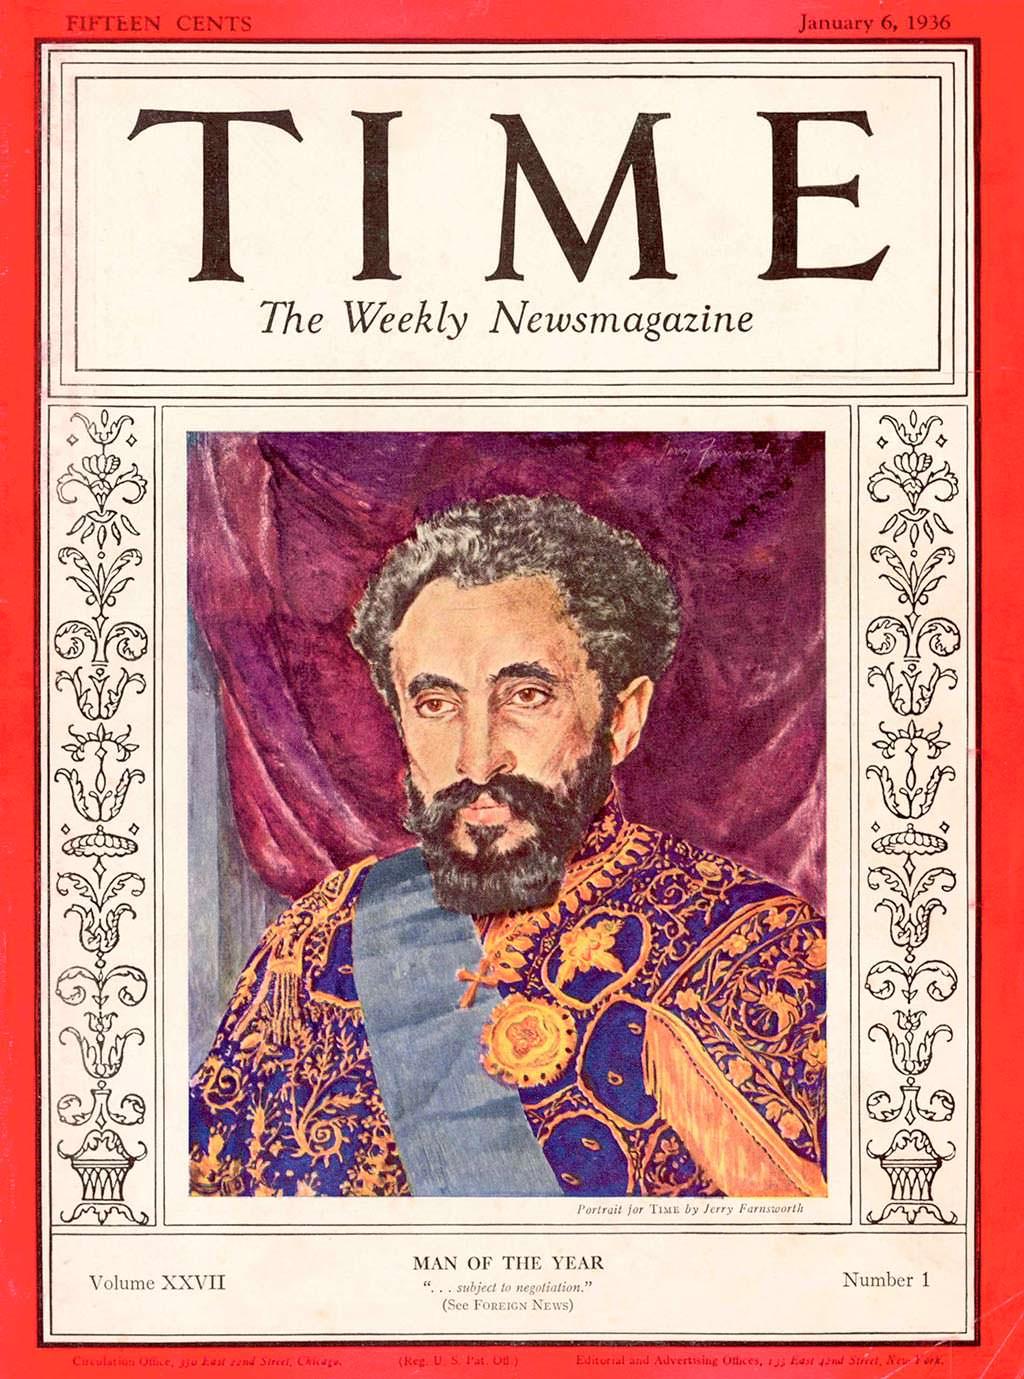 1935 год. Император Эфиопии Хайле Селассие I на обложке Time